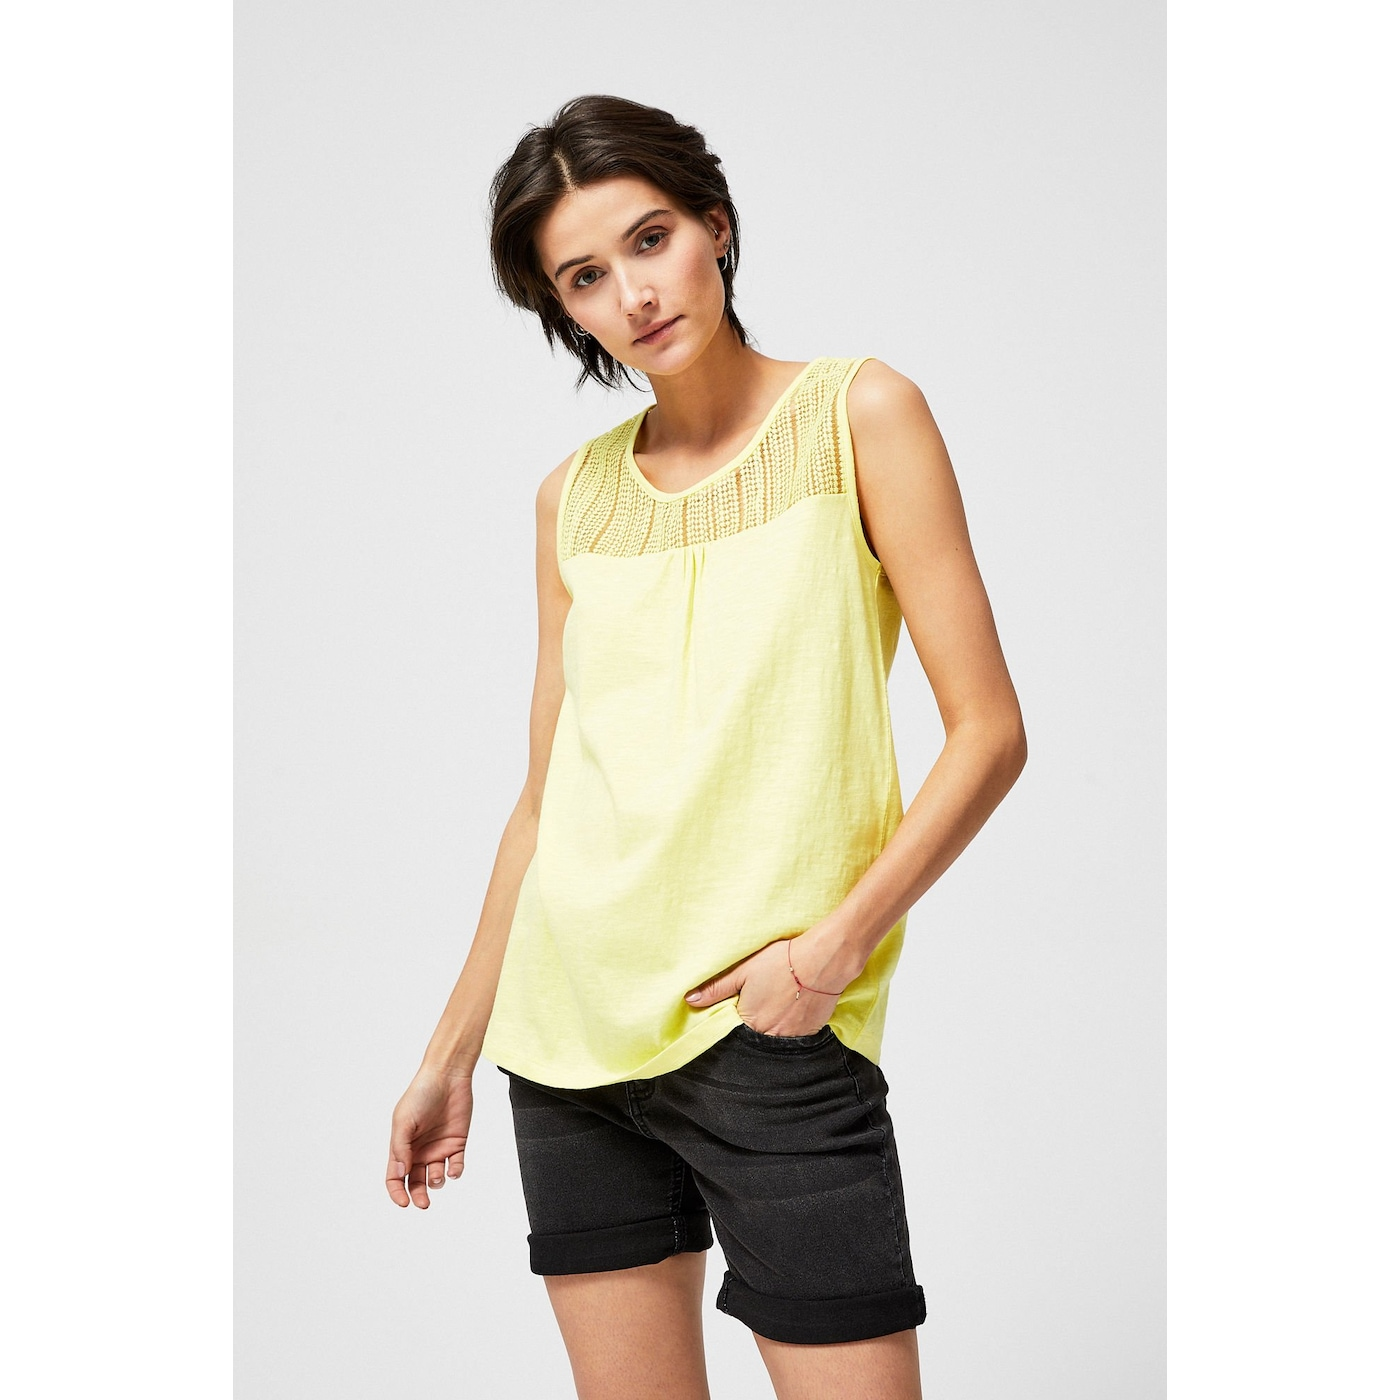 Cotton top - yellow dámské Other S